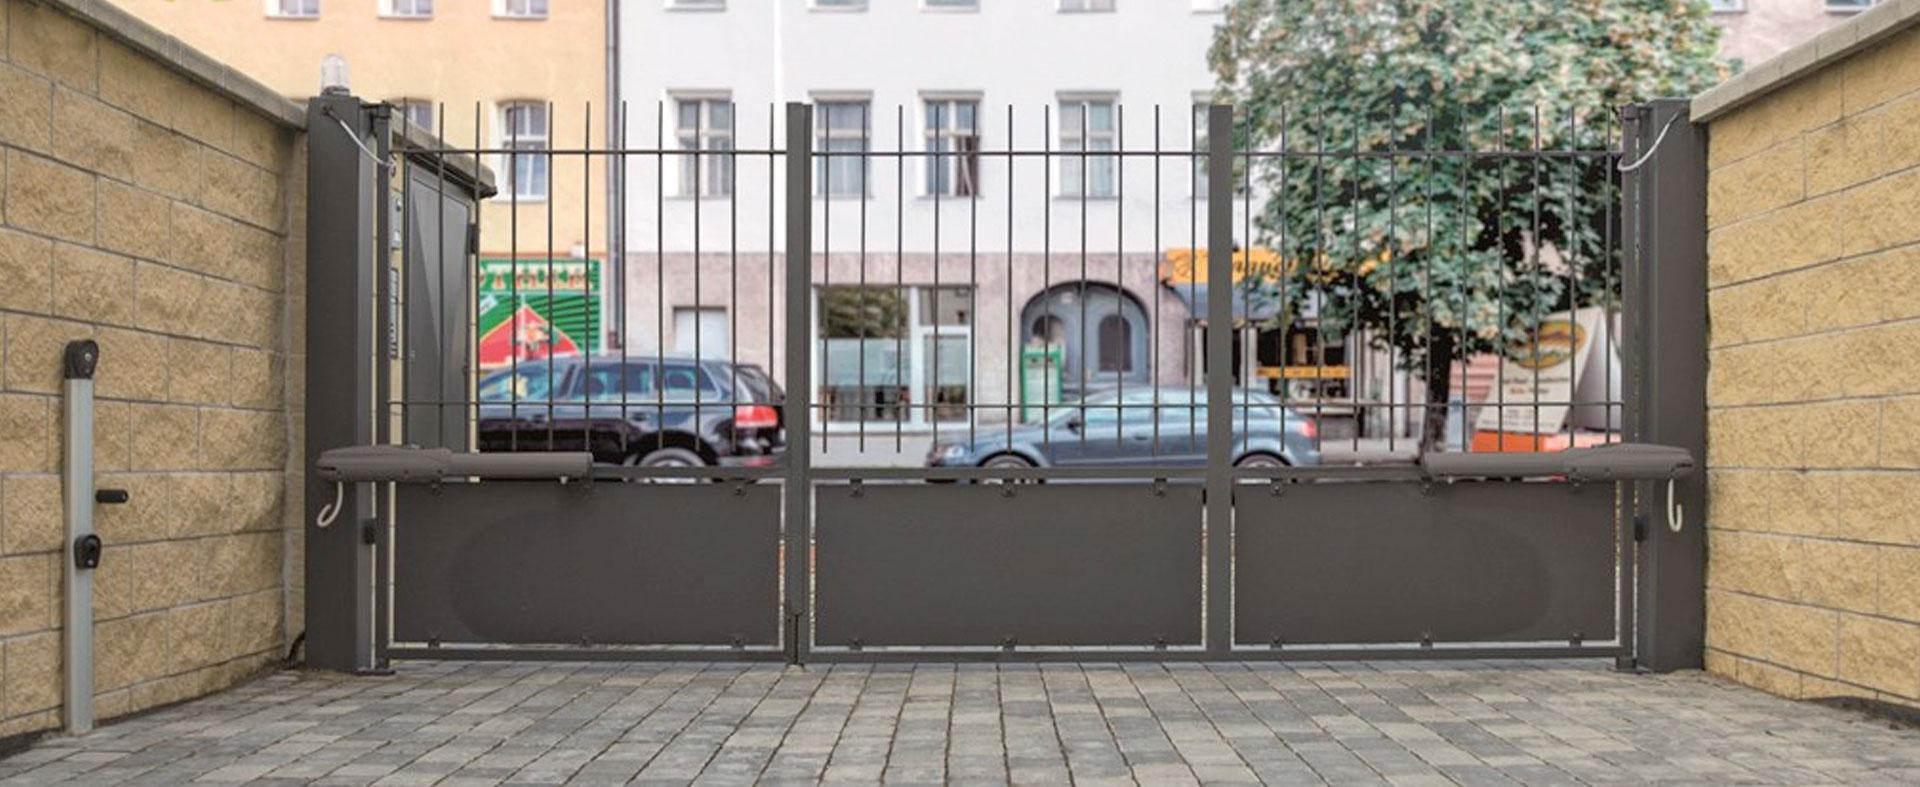 Automatismos para puertas imagen portada